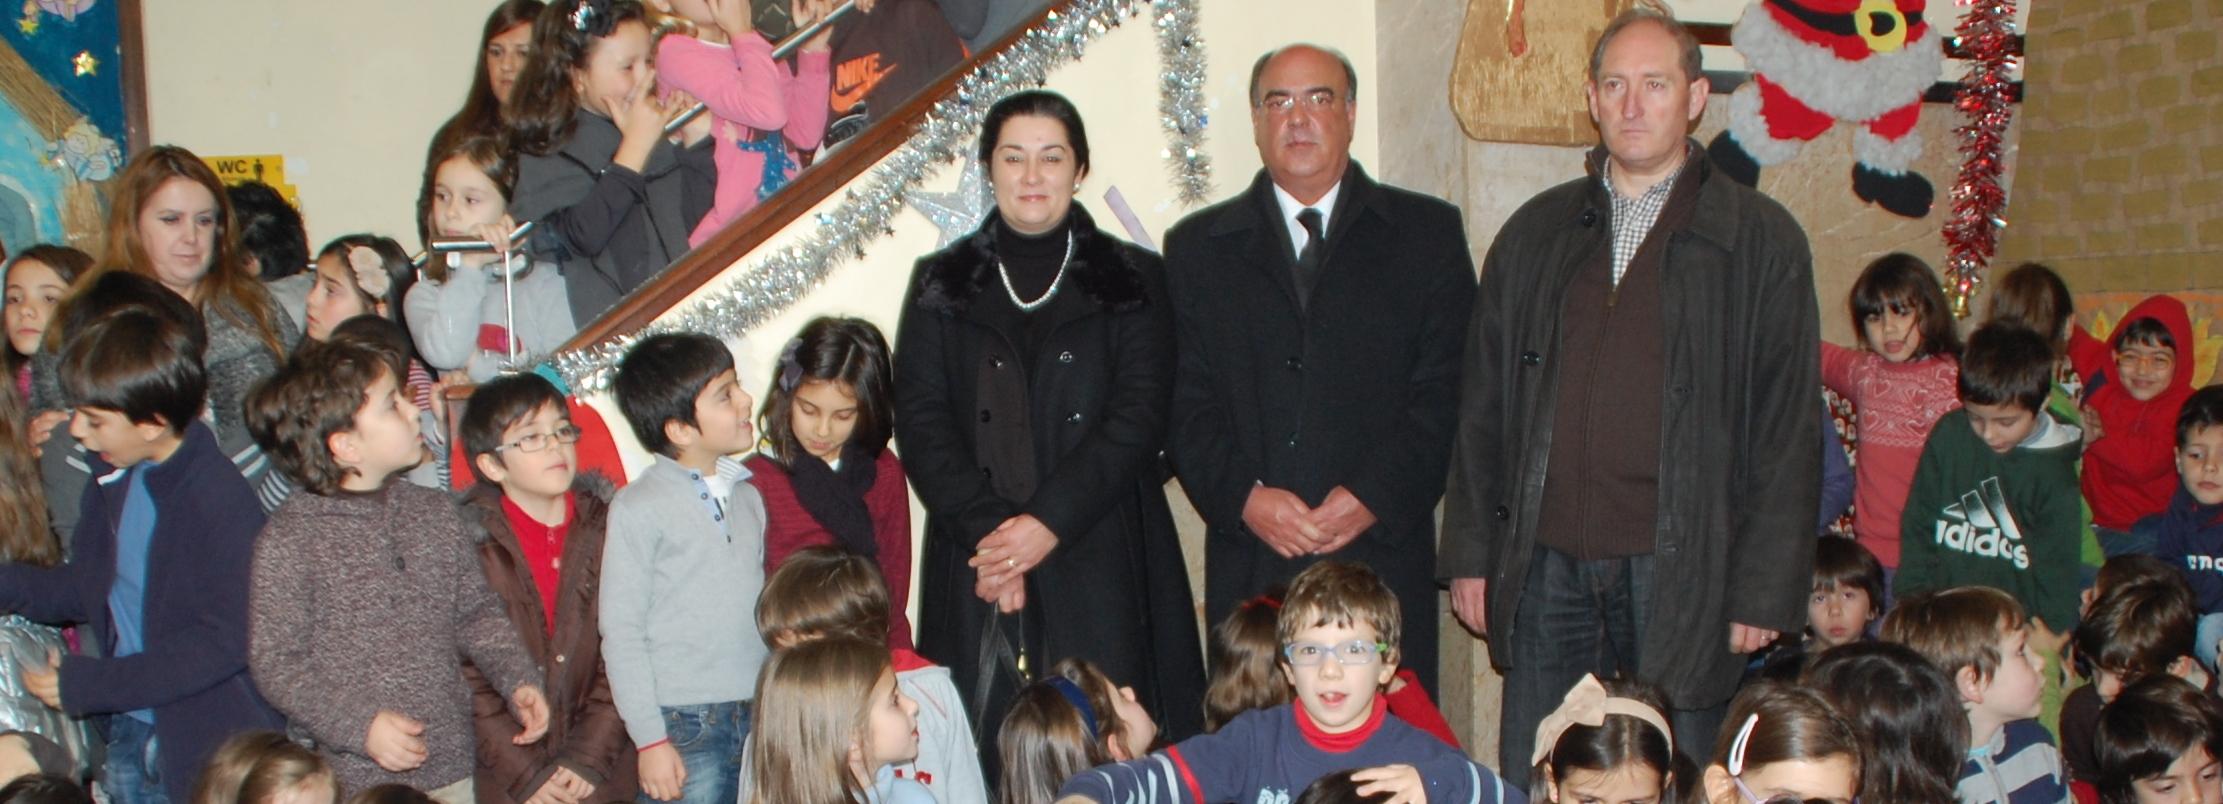 Câmara de Barcelos oferece livros  sobre acessibilidade às crianças do concelho